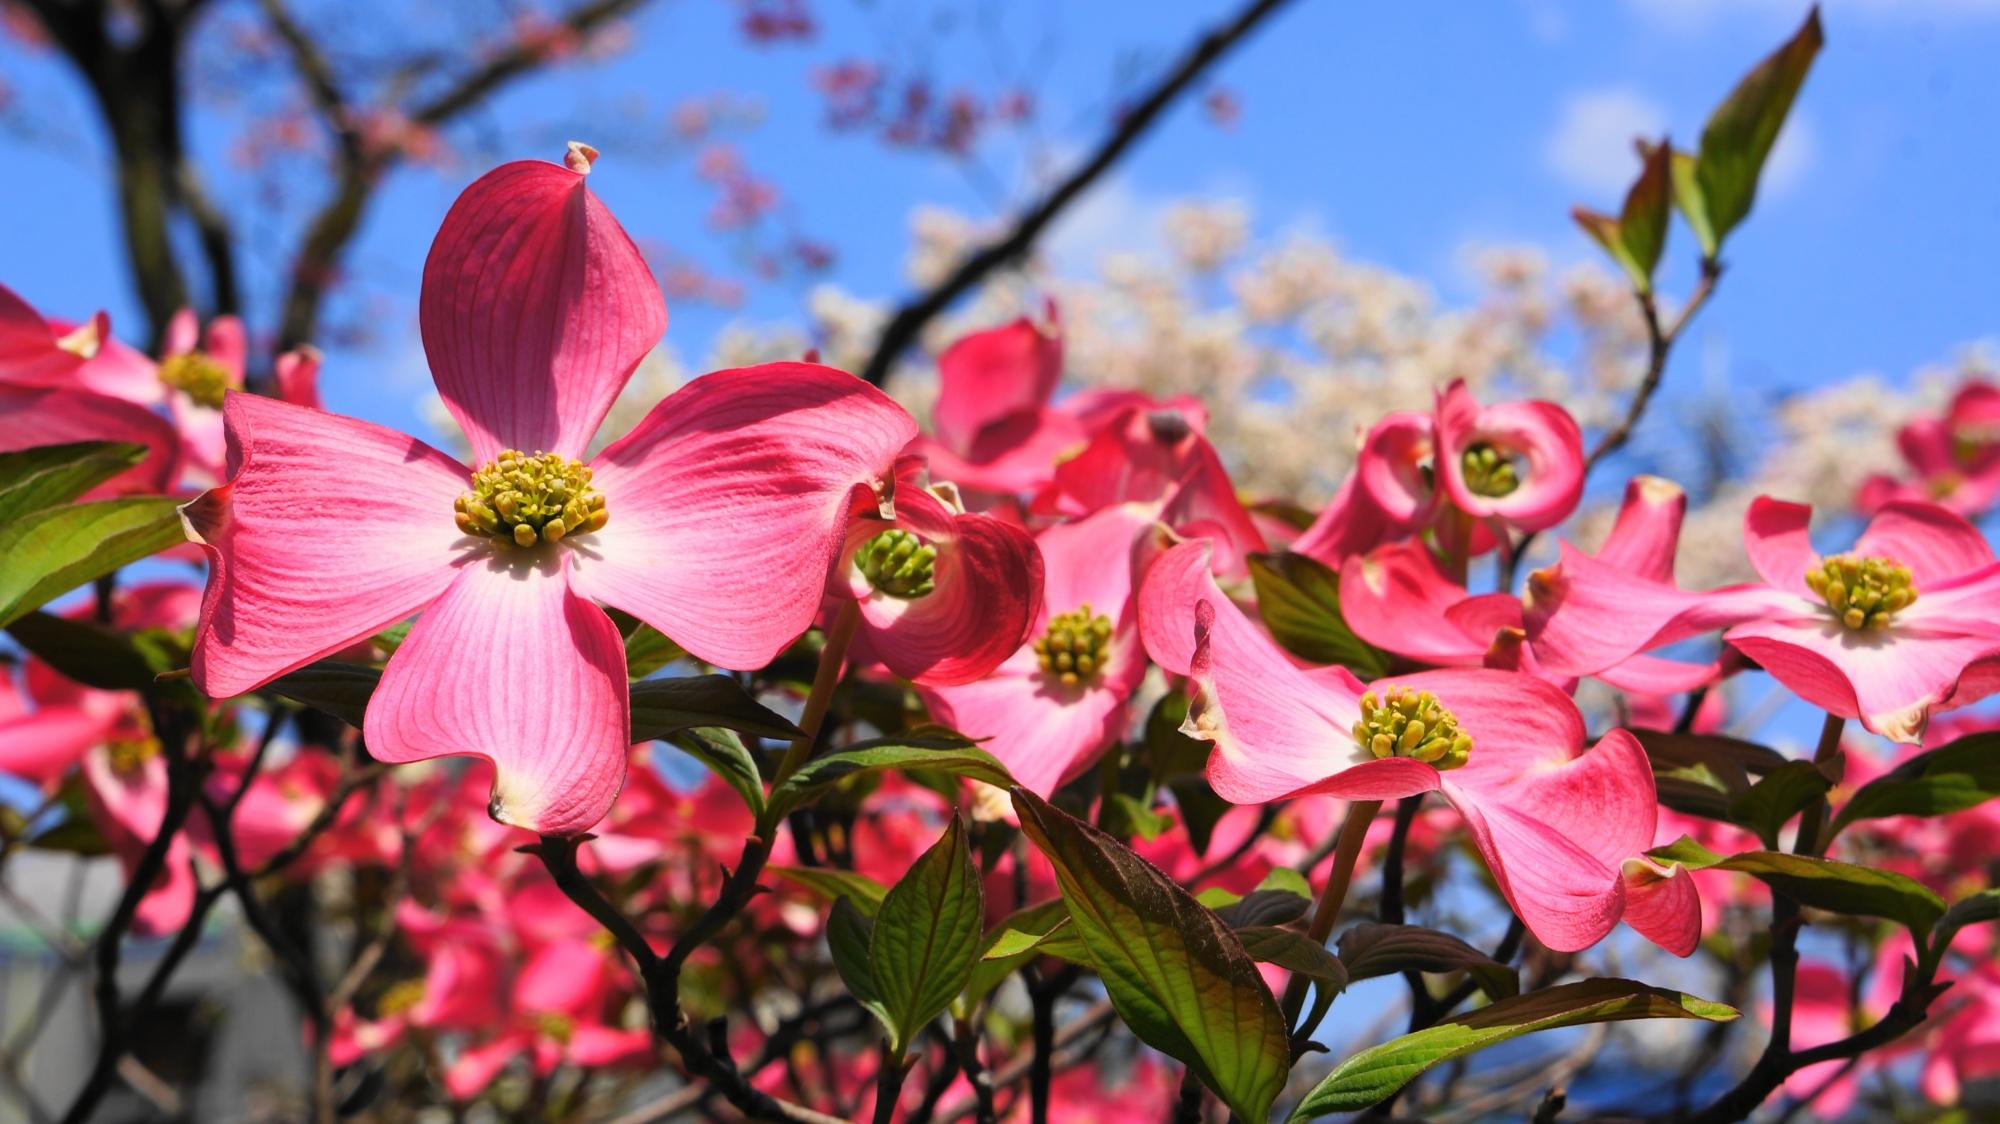 賑やかに咲き誇るたくさんのハナミズキの花